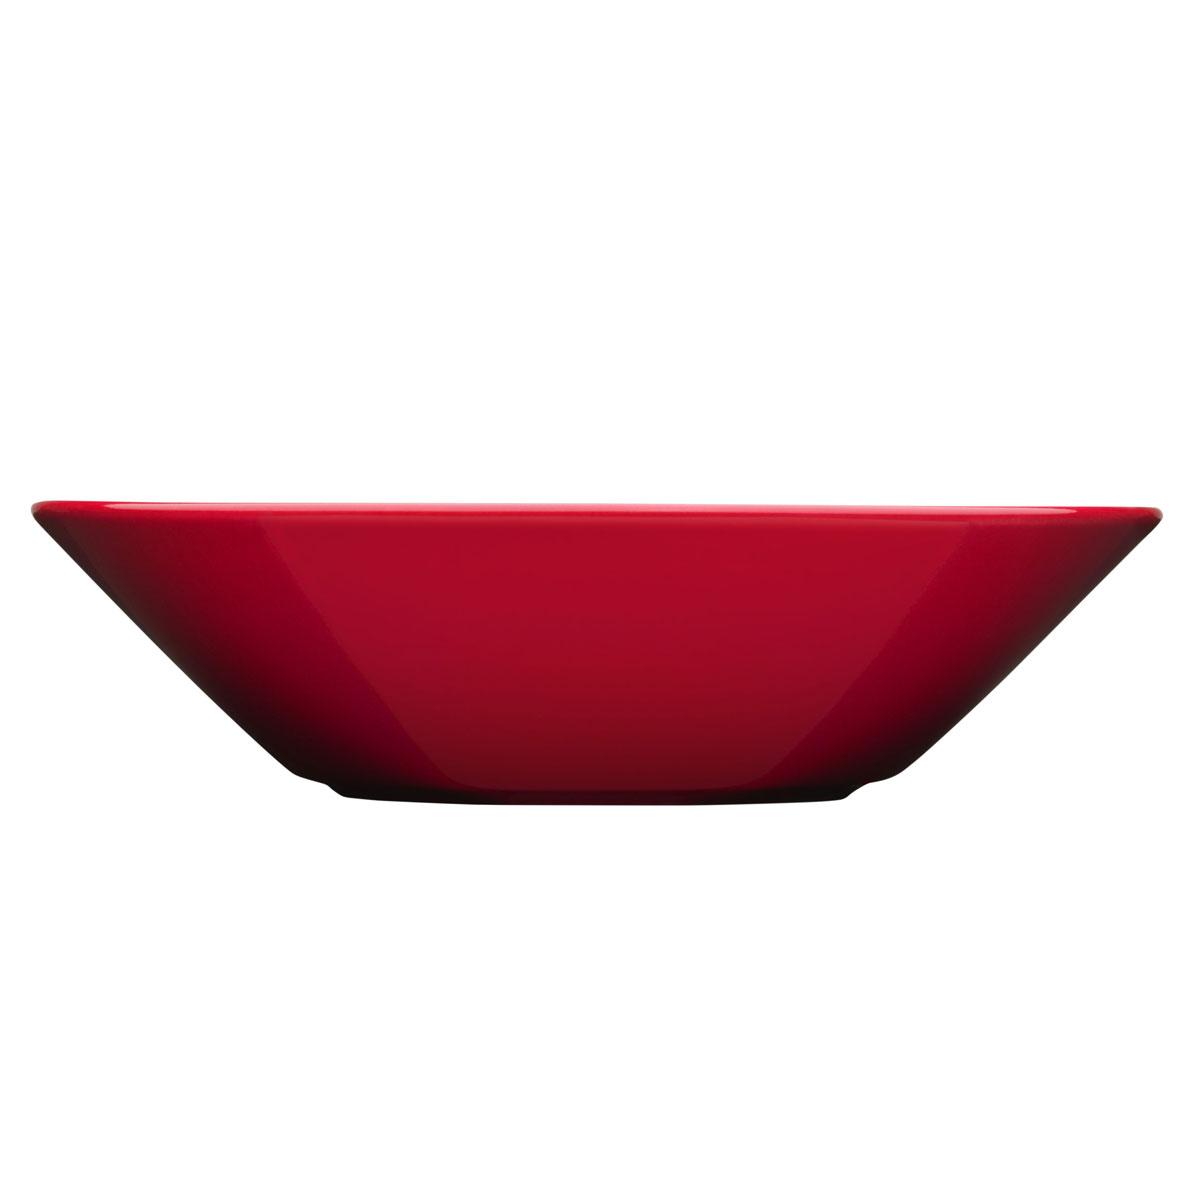 Iittala Teema Pasta Bowl Red